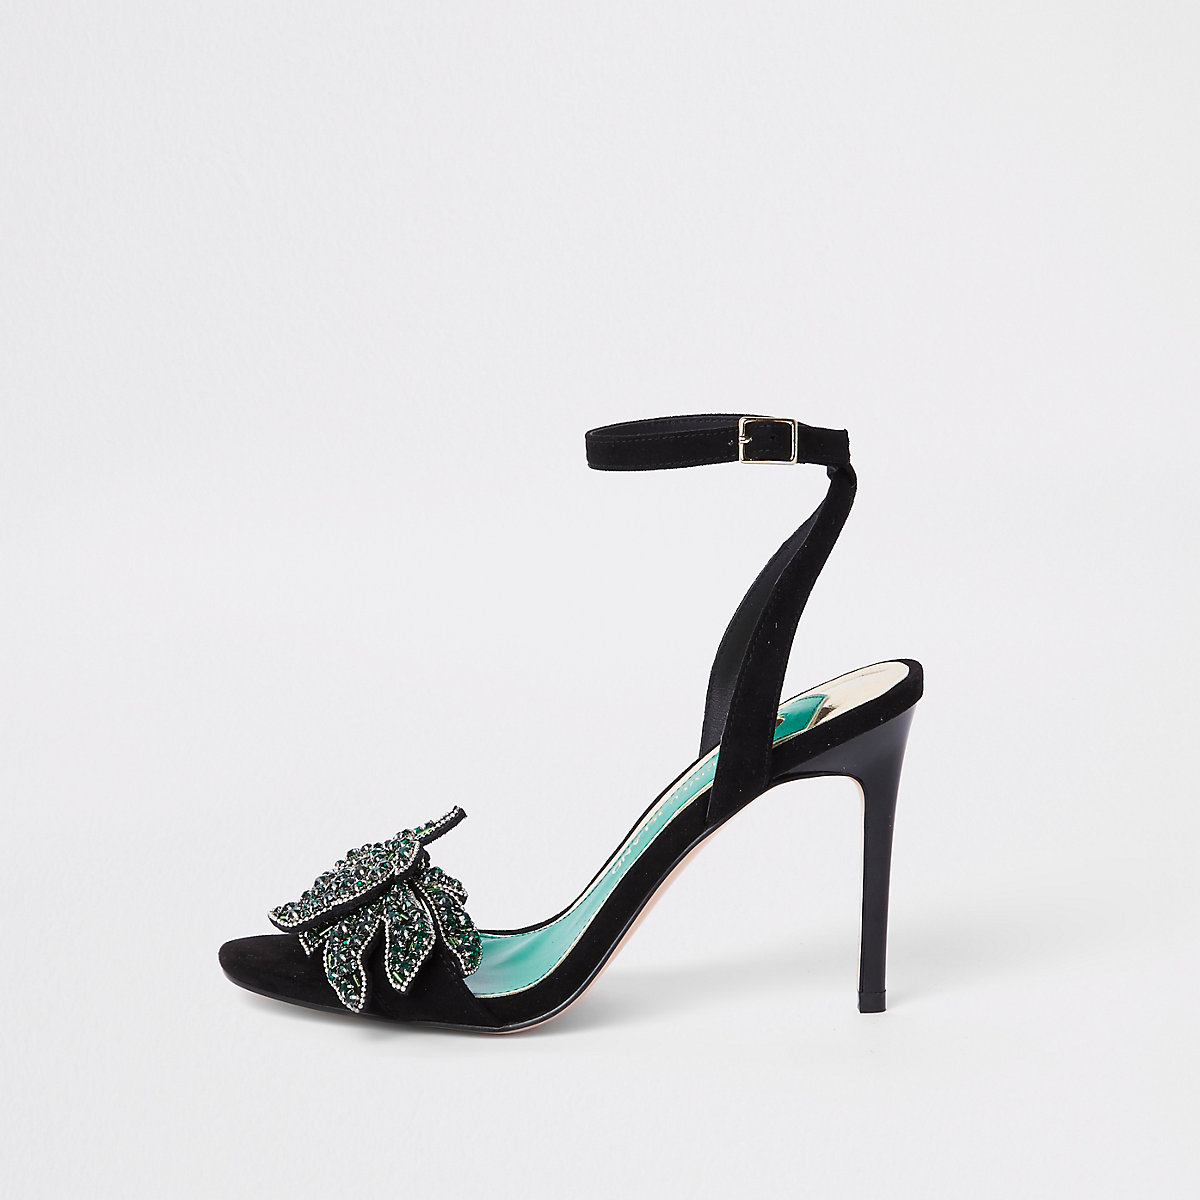 Zwarte verfraaide sandalen met smalle hak